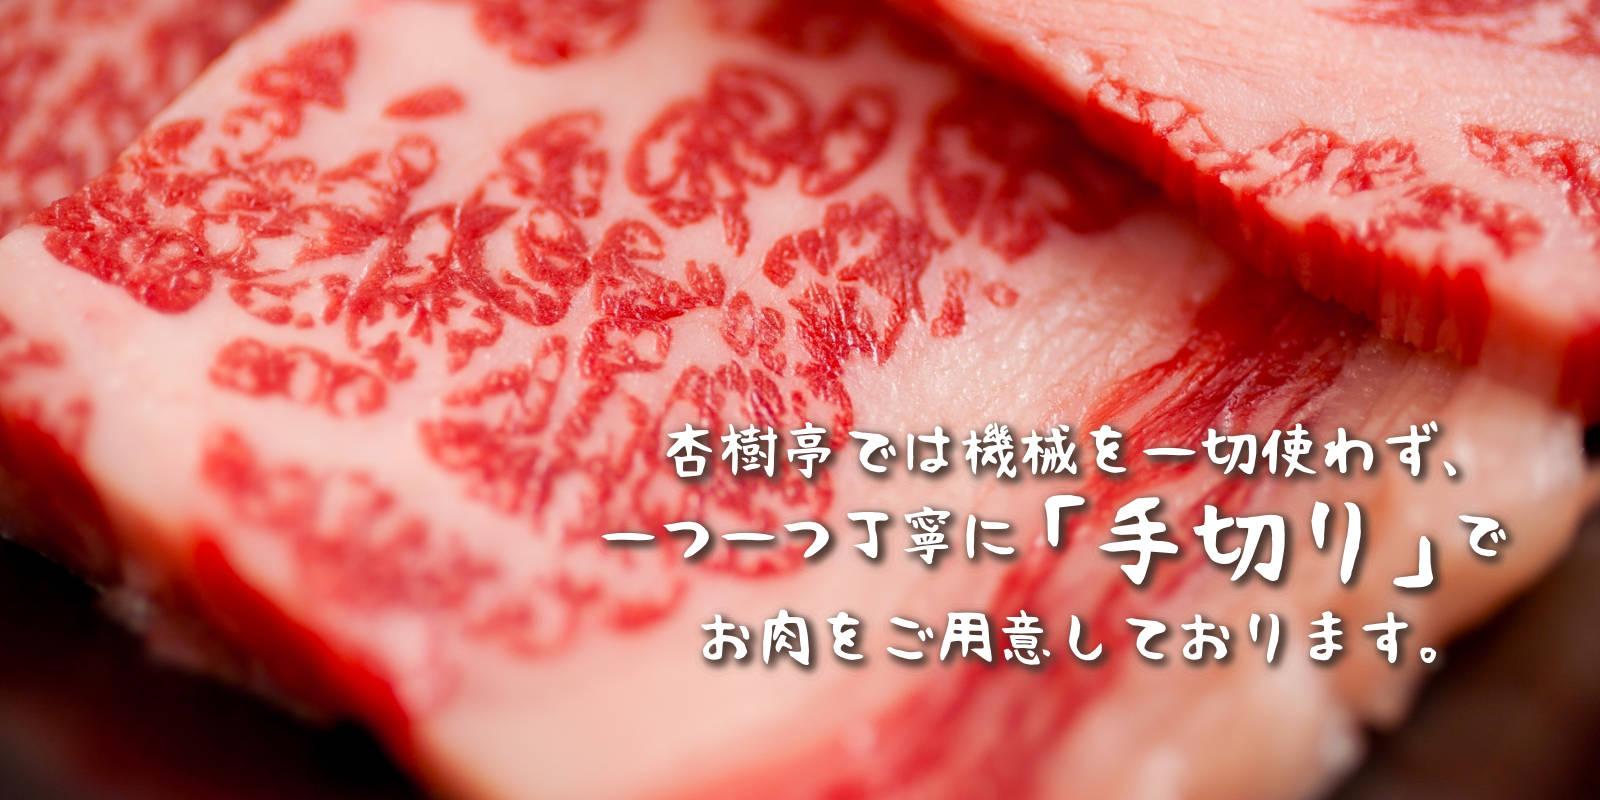 杏樹亭は機械を一切使わず生肉を手切りでご用意